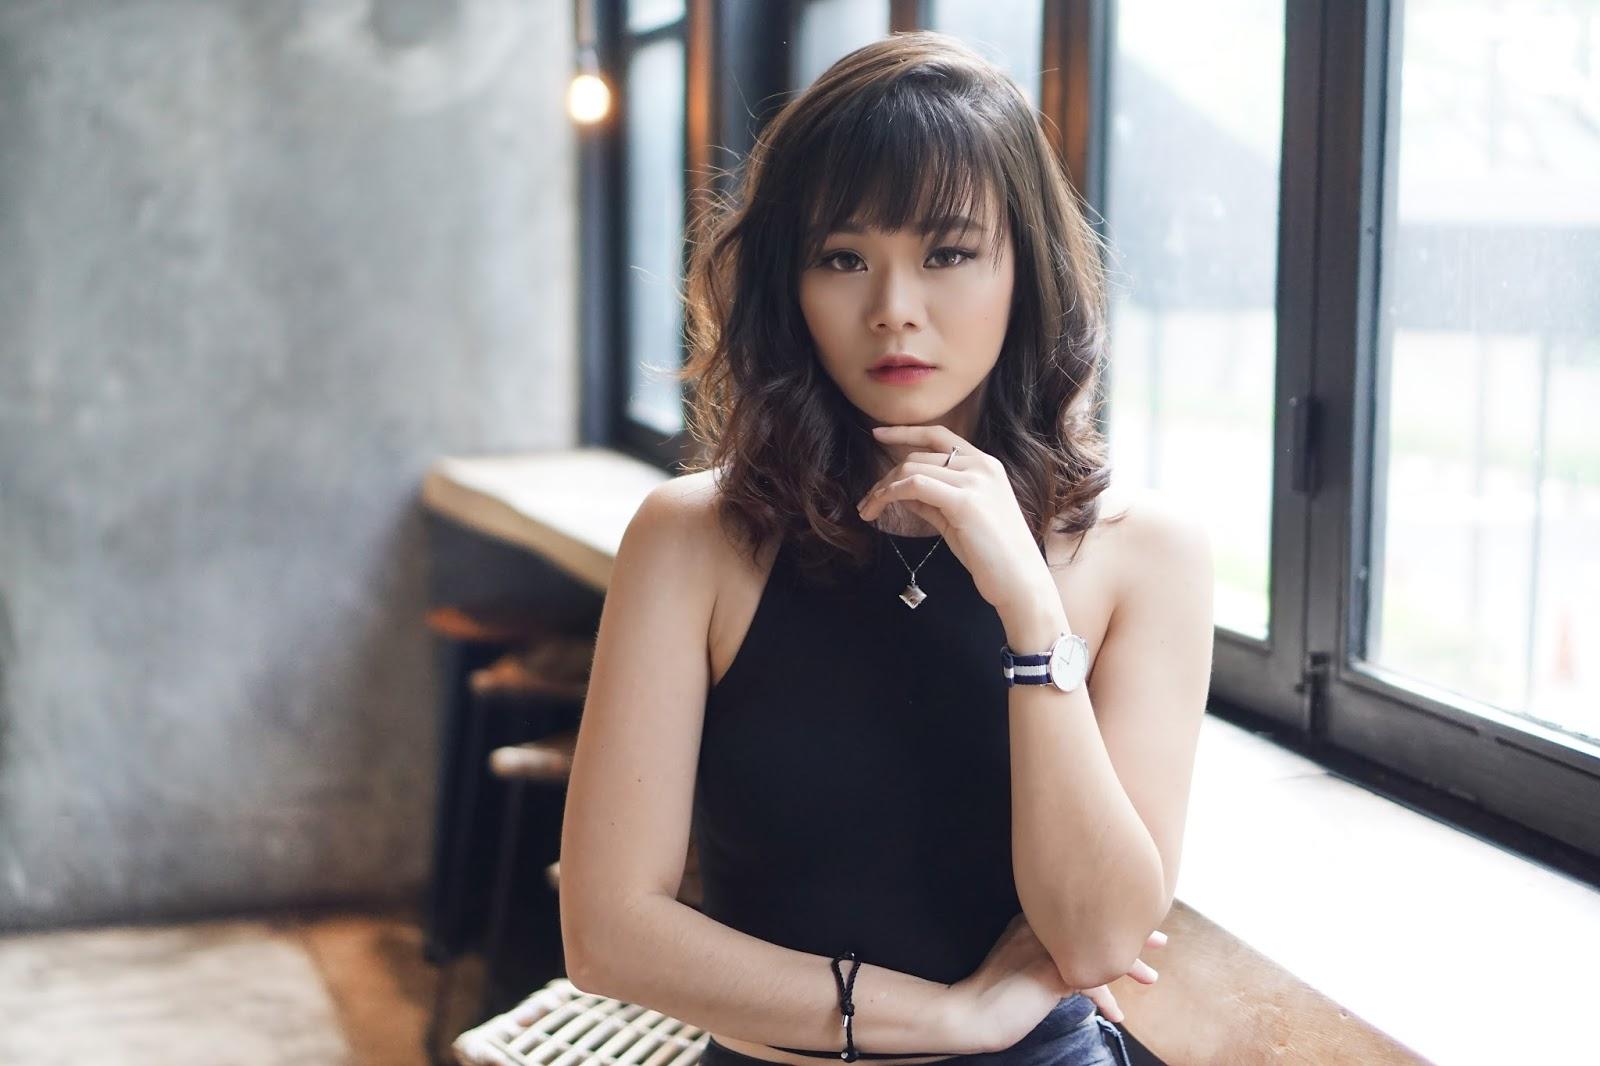 Rambut Gaya Korea Dengan Cushion Setting Ando Yun Salon Jean Milka Gunting Set Awalnya Agak Takut Sih Mutusin Untuk Pendek Aku Tadinya Sudah Hampir Sepunggung Tuh Tipe Yang Susah Dan Lama Banget